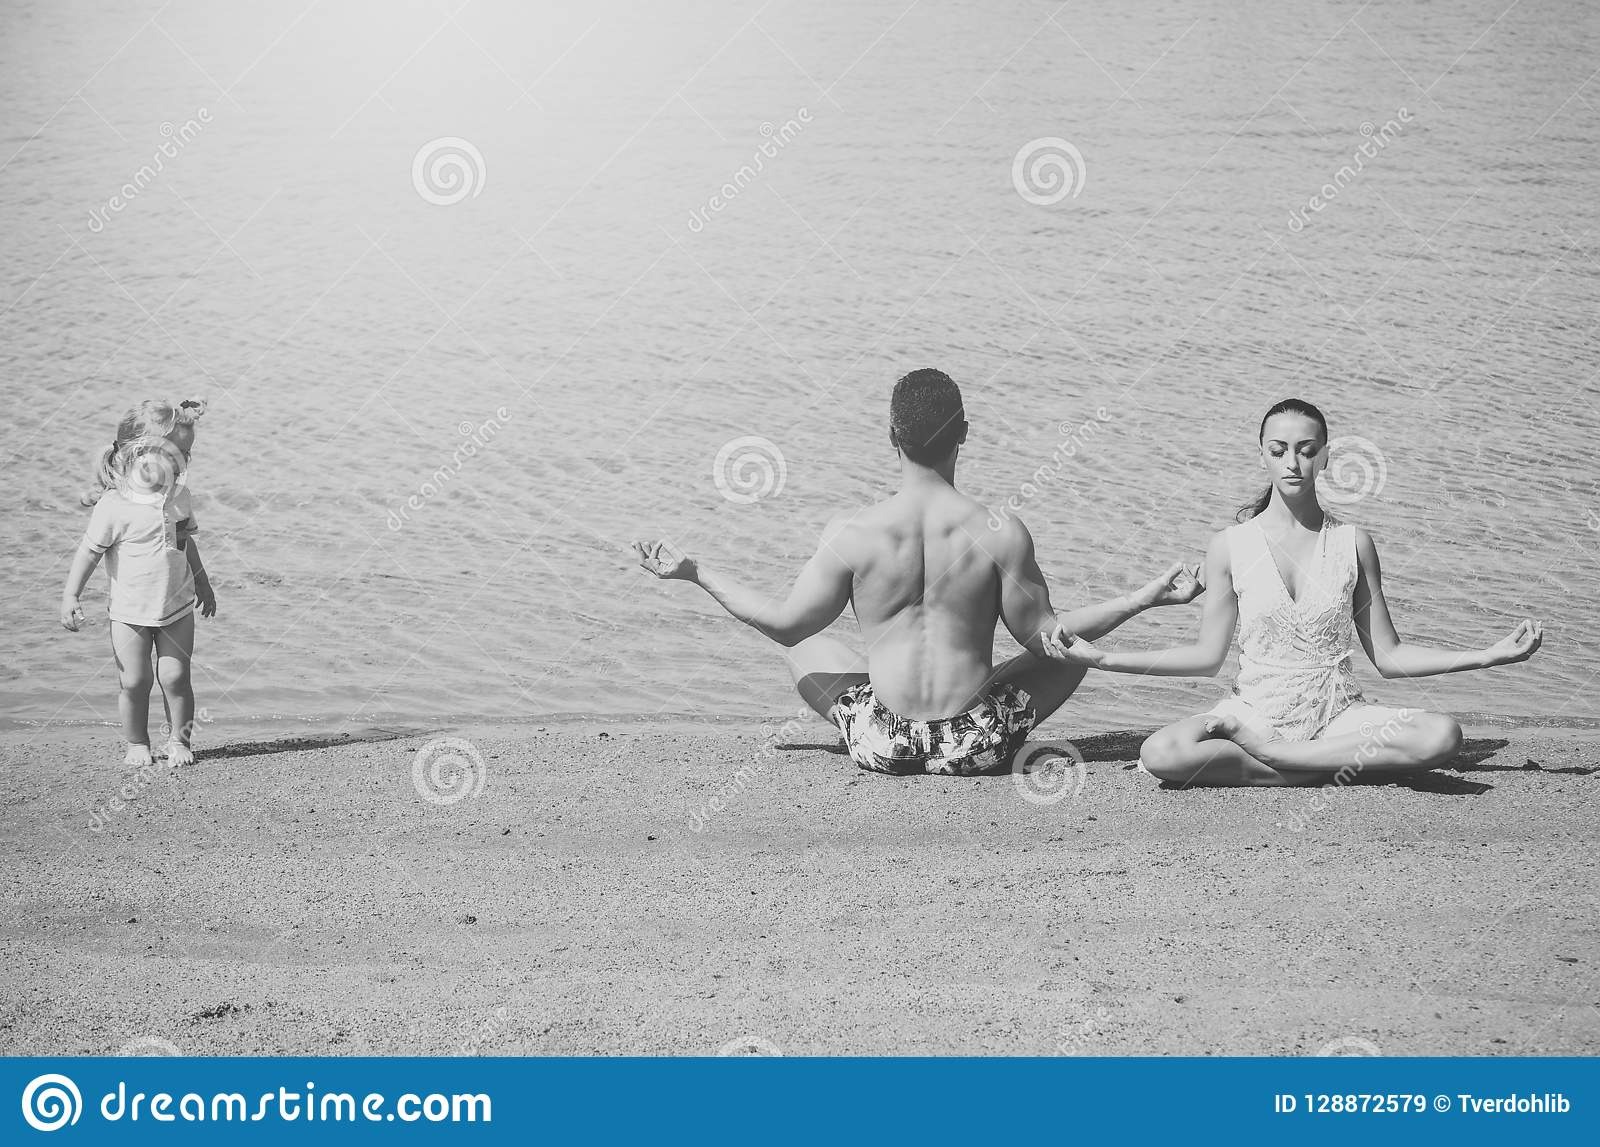 Rodzina szczęśliwy dziecko, mężczyzna i kobieta medytuje, joga poza